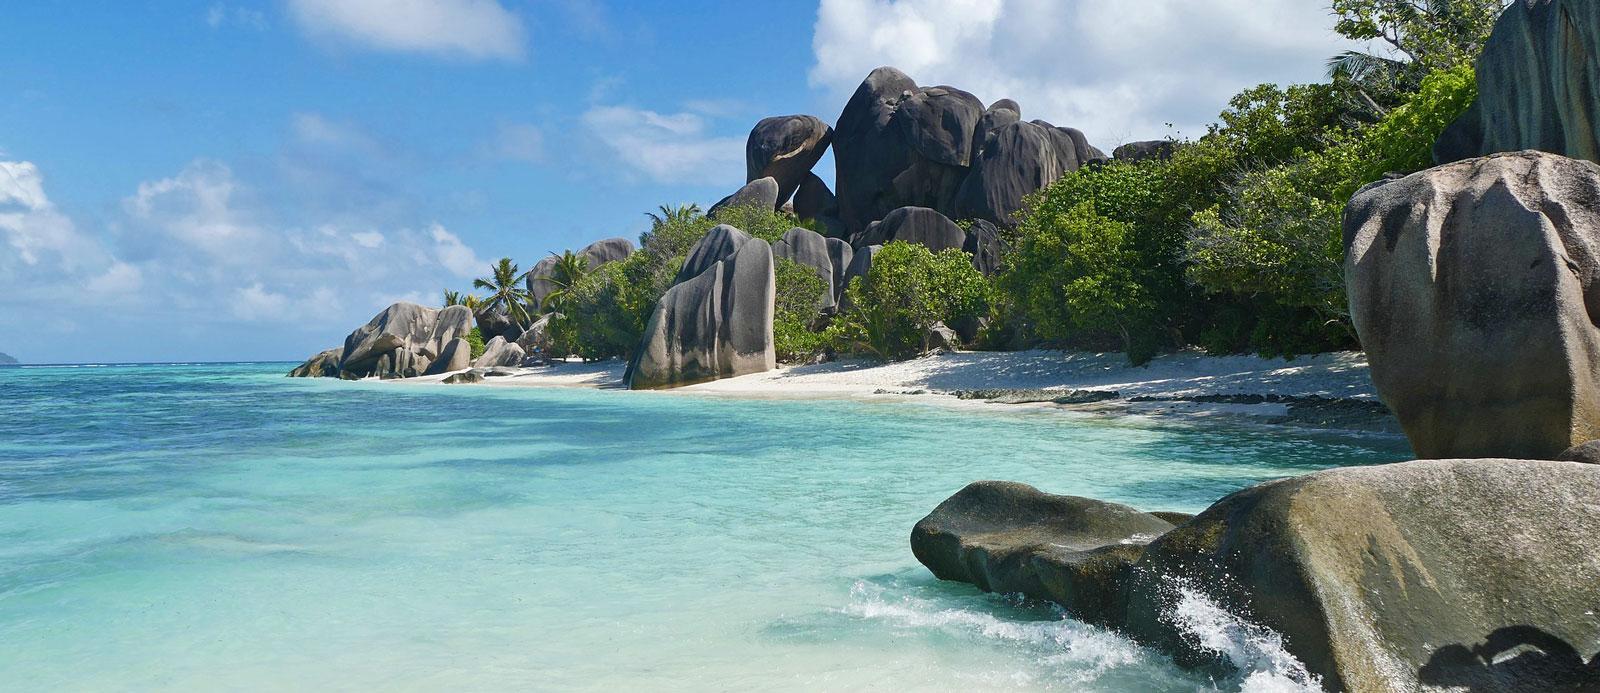 La Digue ed Anse Source d'Argent, la spiaggia più bella delle Seychelles